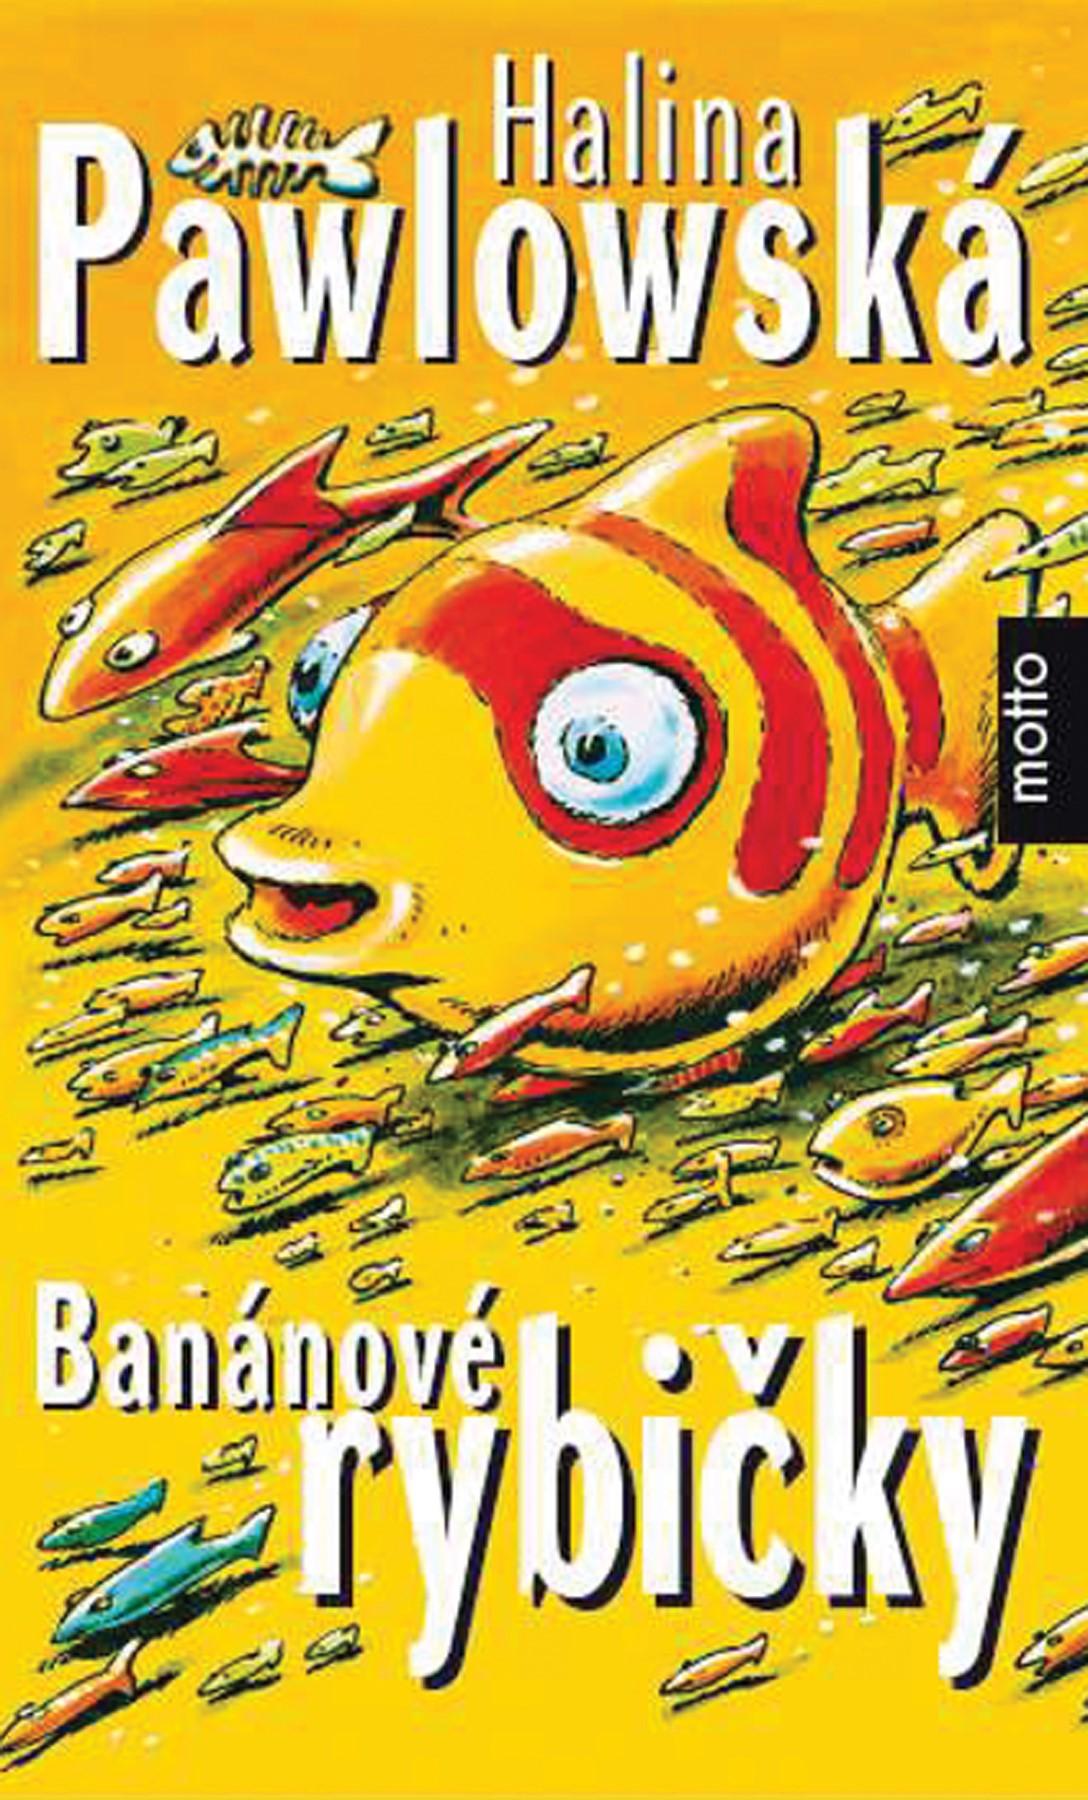 Banánové rybičky | Halina Pawlowská